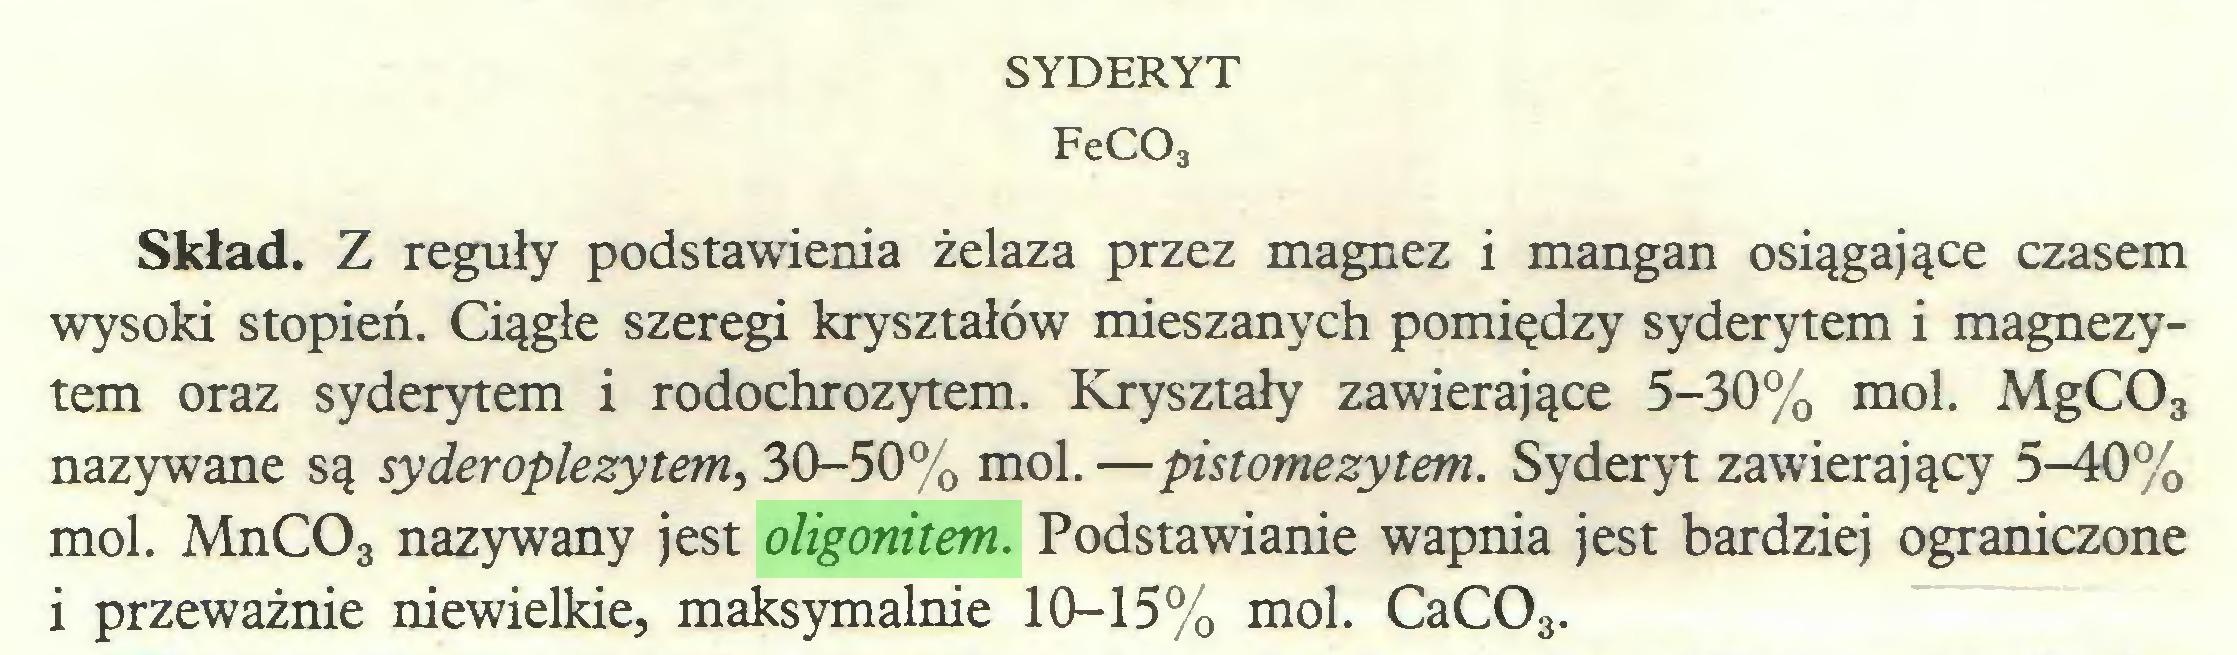 (...) SYDERYT FeC03 Skład. Z reguły podstawienia żelaza przez magnez i mangan osiągające czasem wysoki stopień. Ciągłe szeregi kryształów mieszanych pomiędzy syderytem i magnezytem oraz syderytem i rodochrozytem. Kryształy zawierające 5-30% mol. MgC03 nazywane są syderoplezytern, 30-50% mol. —pistomezytem. Syderyt zawierający 5-40% mol. MnC03 nazywany jest oligonitem. Podstawianie wapnia jest bardziej ograniczone i przeważnie niewielkie, maksymalnie 10-15% mol. CaC03...